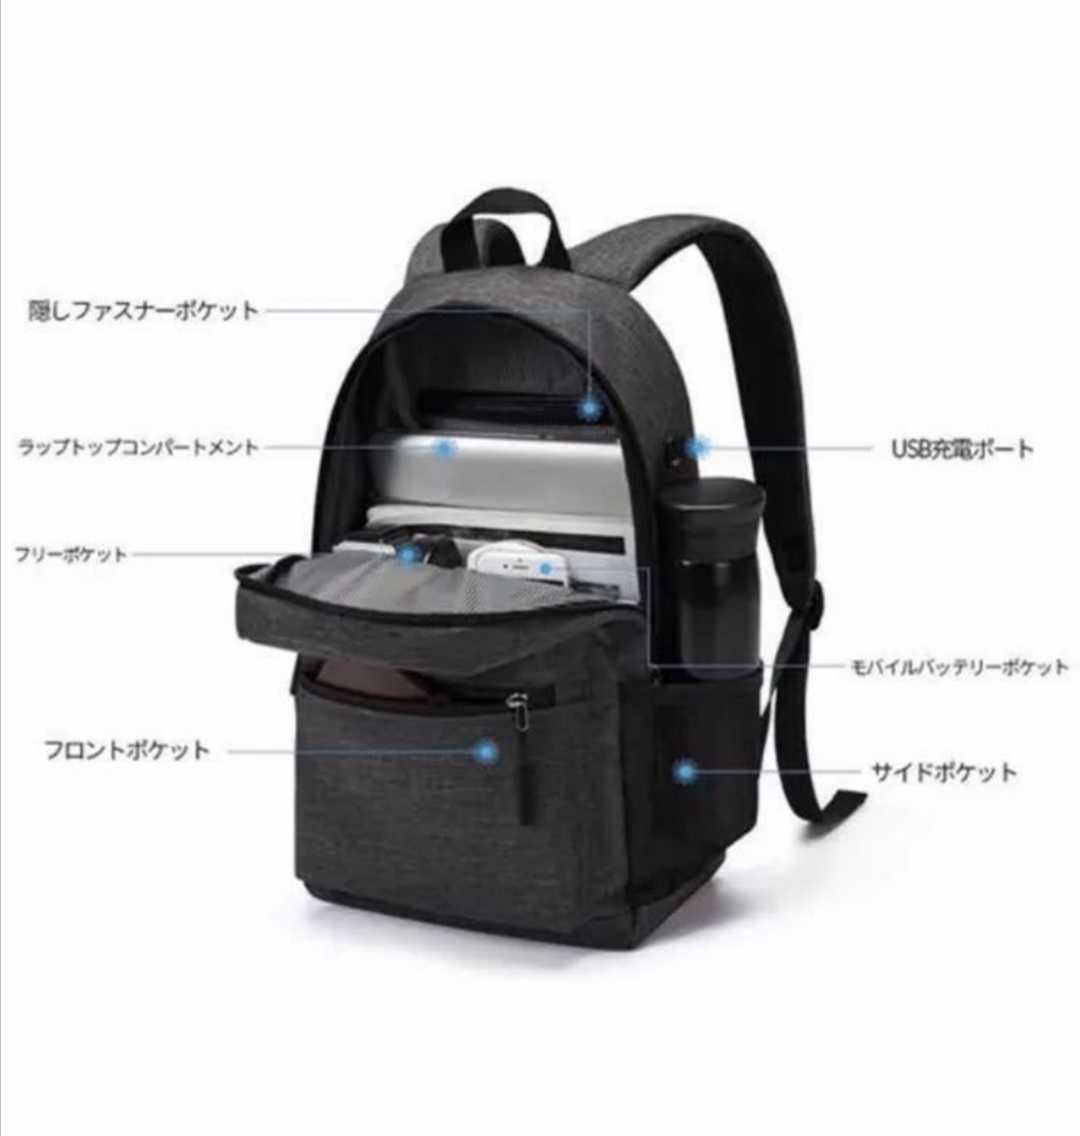 リュックサック レディースリュック メンズ バックパック 防水 USB充電ポート 大人気